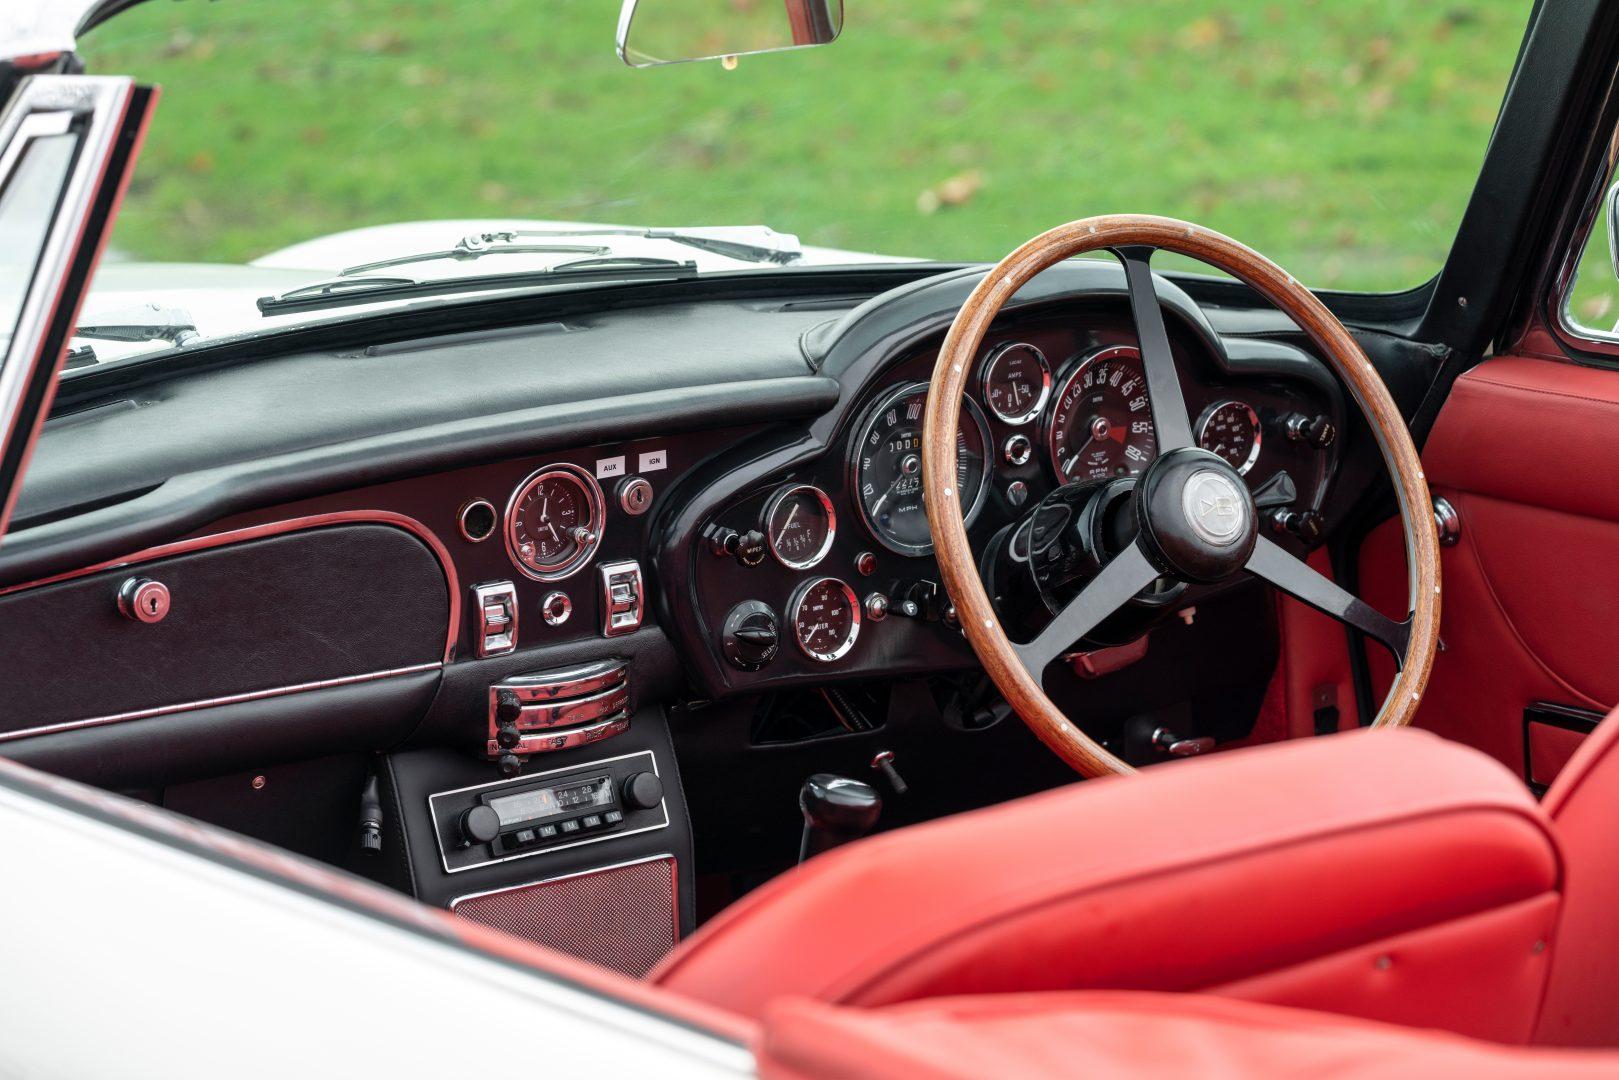 електрически автомобил Класически или електрически автомобил… а защо не две в едно А1 Блог